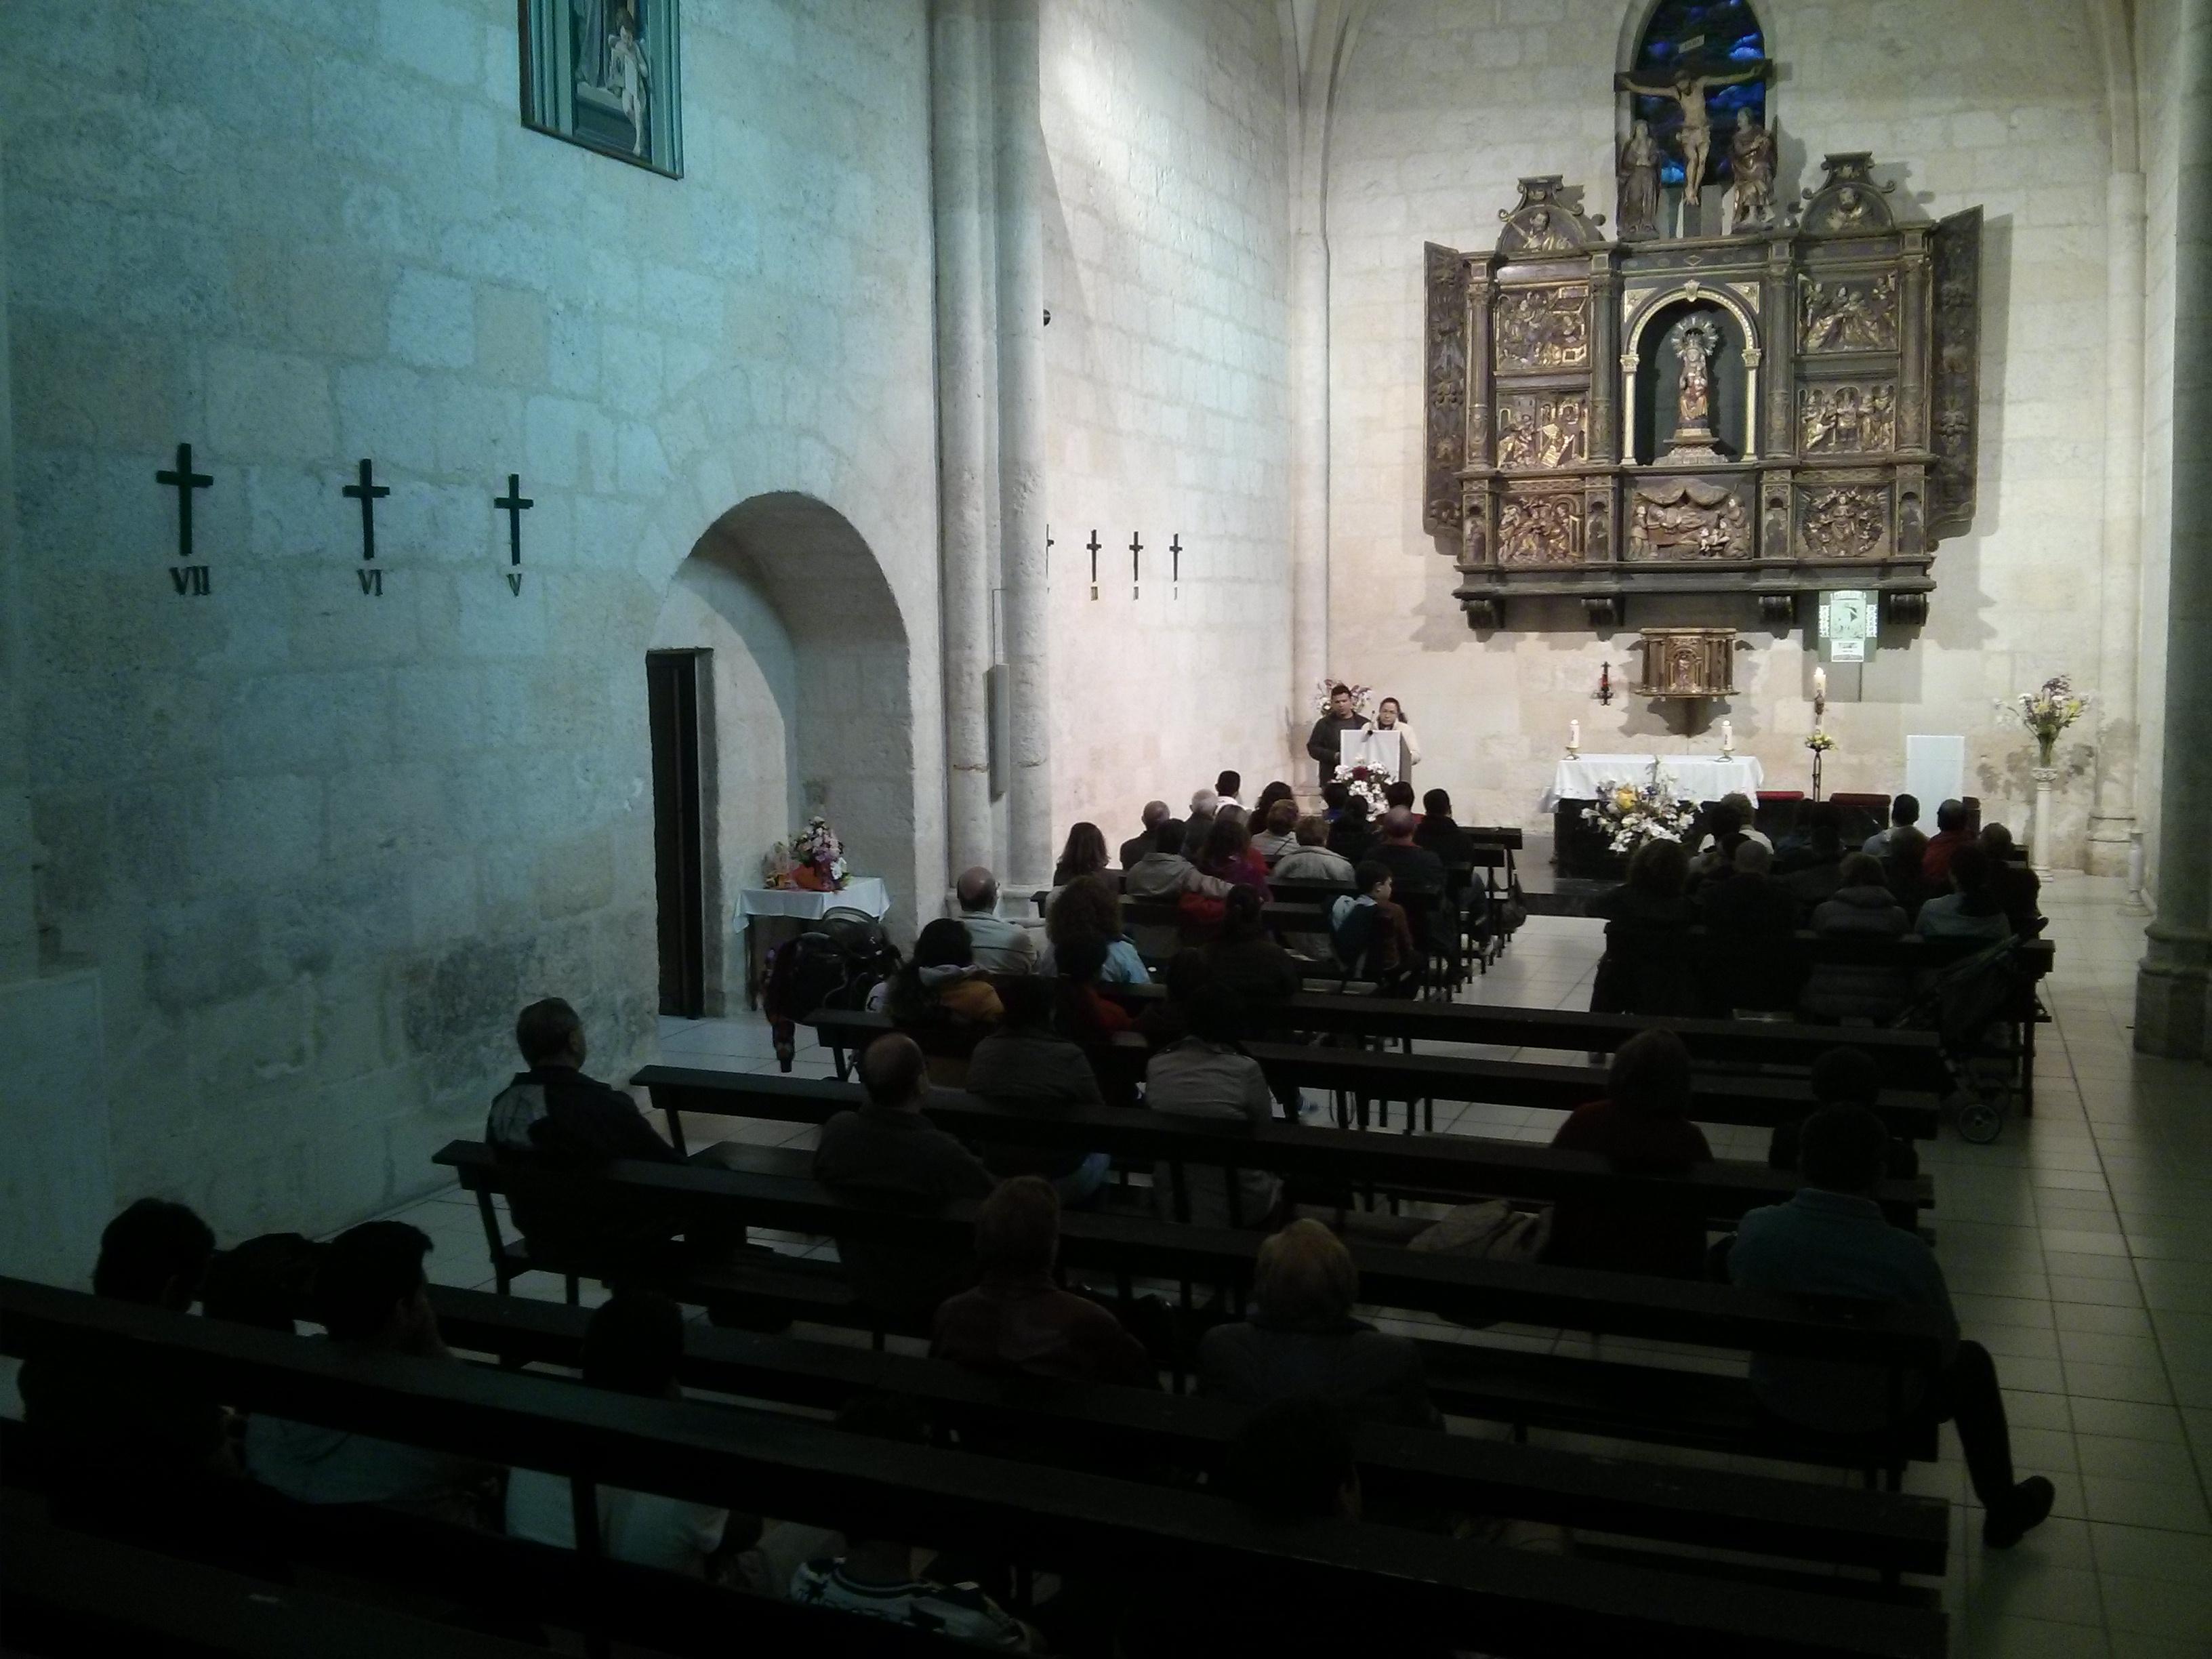 Santuario de Nuestra Señora de Ocón